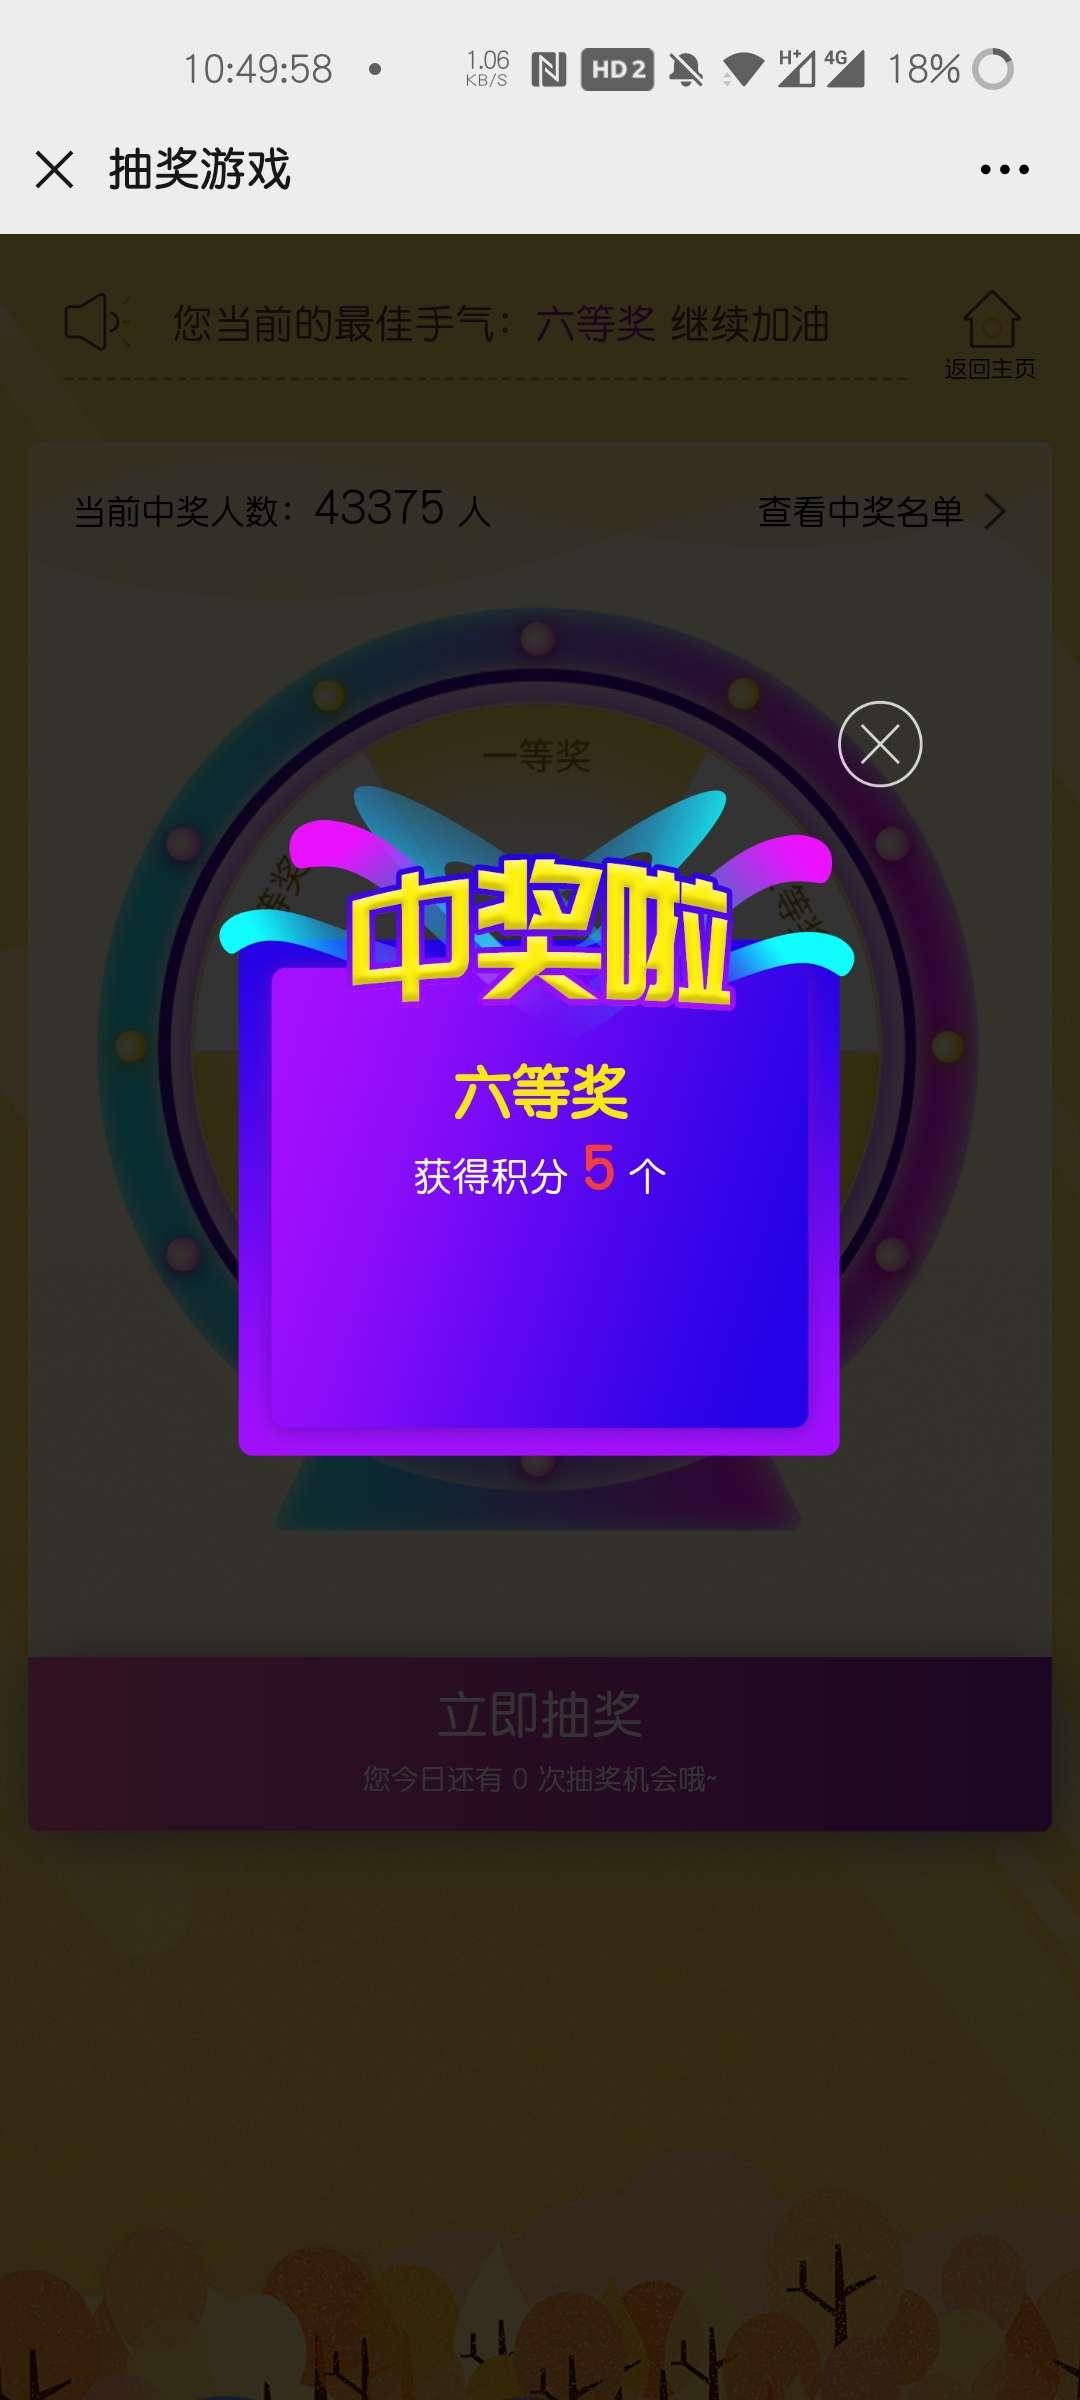 赤峰反诈互动平台答题抽奖